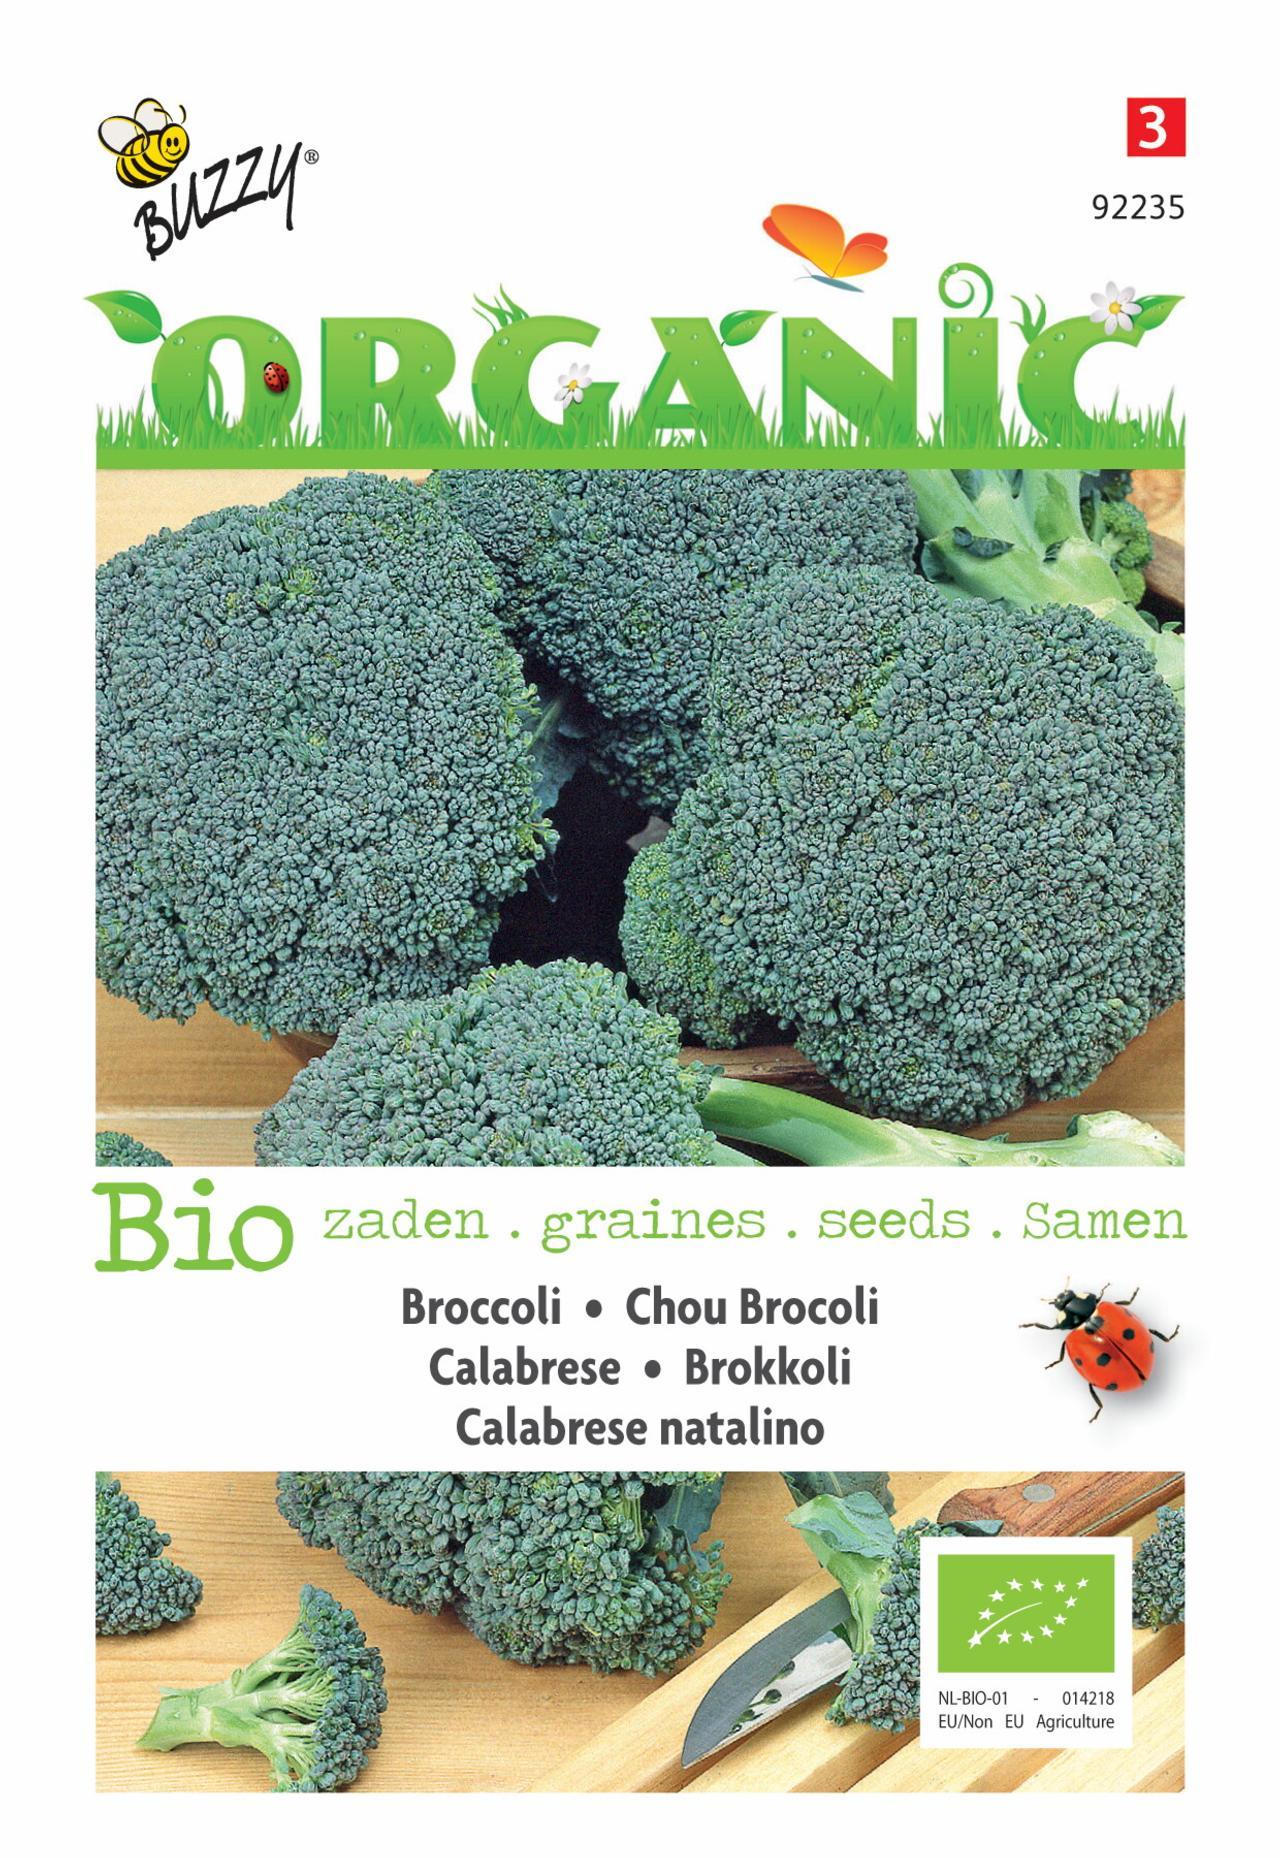 Brassica oleracea 'Calabrese natalino' (BIO) plant